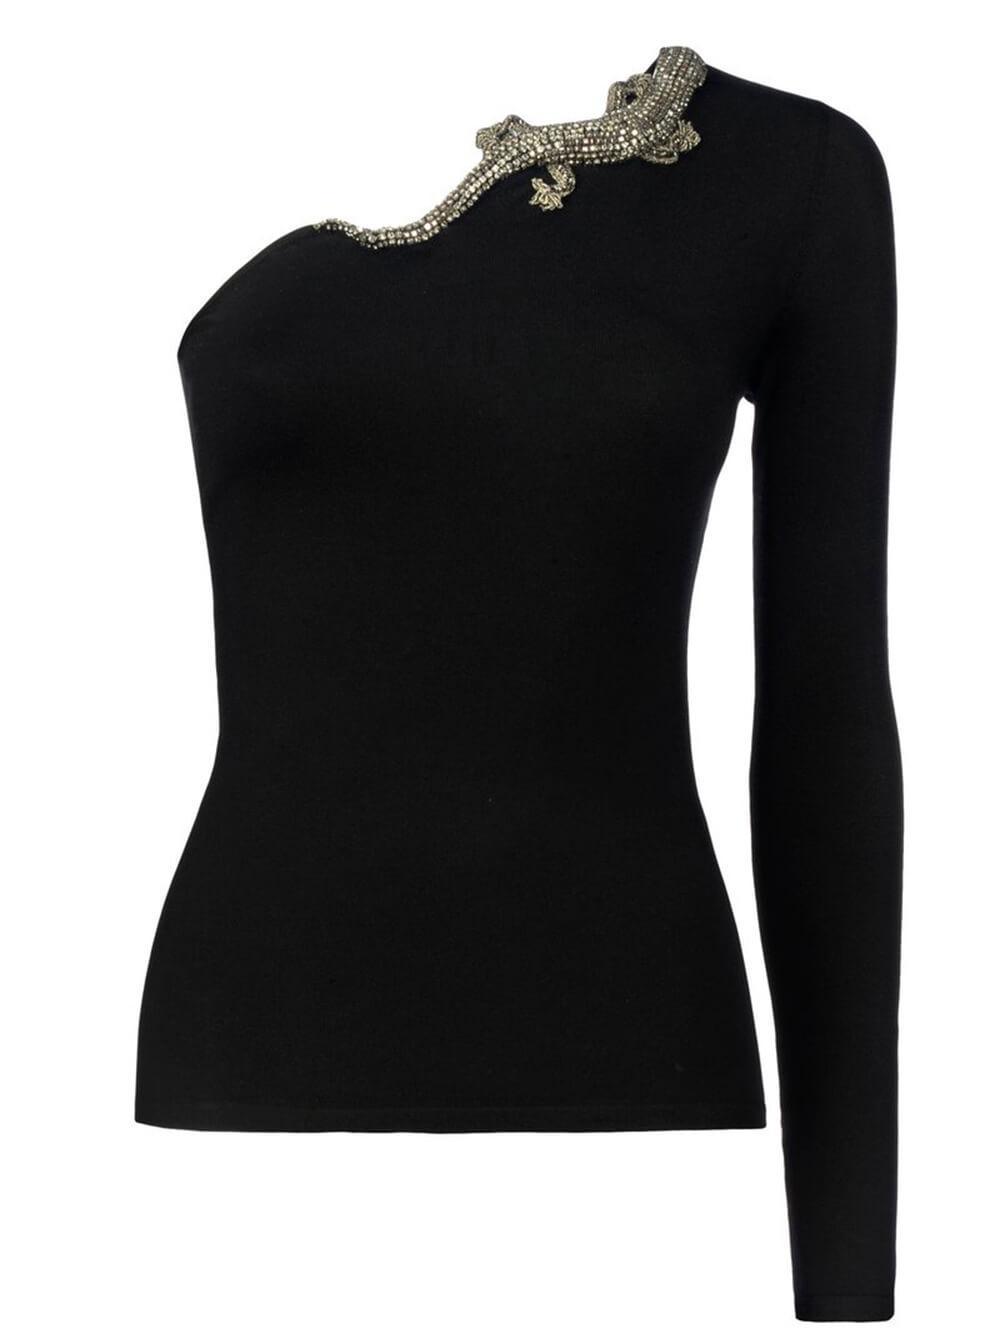 One Shoulder Embellished Sweater Item # 290845686001